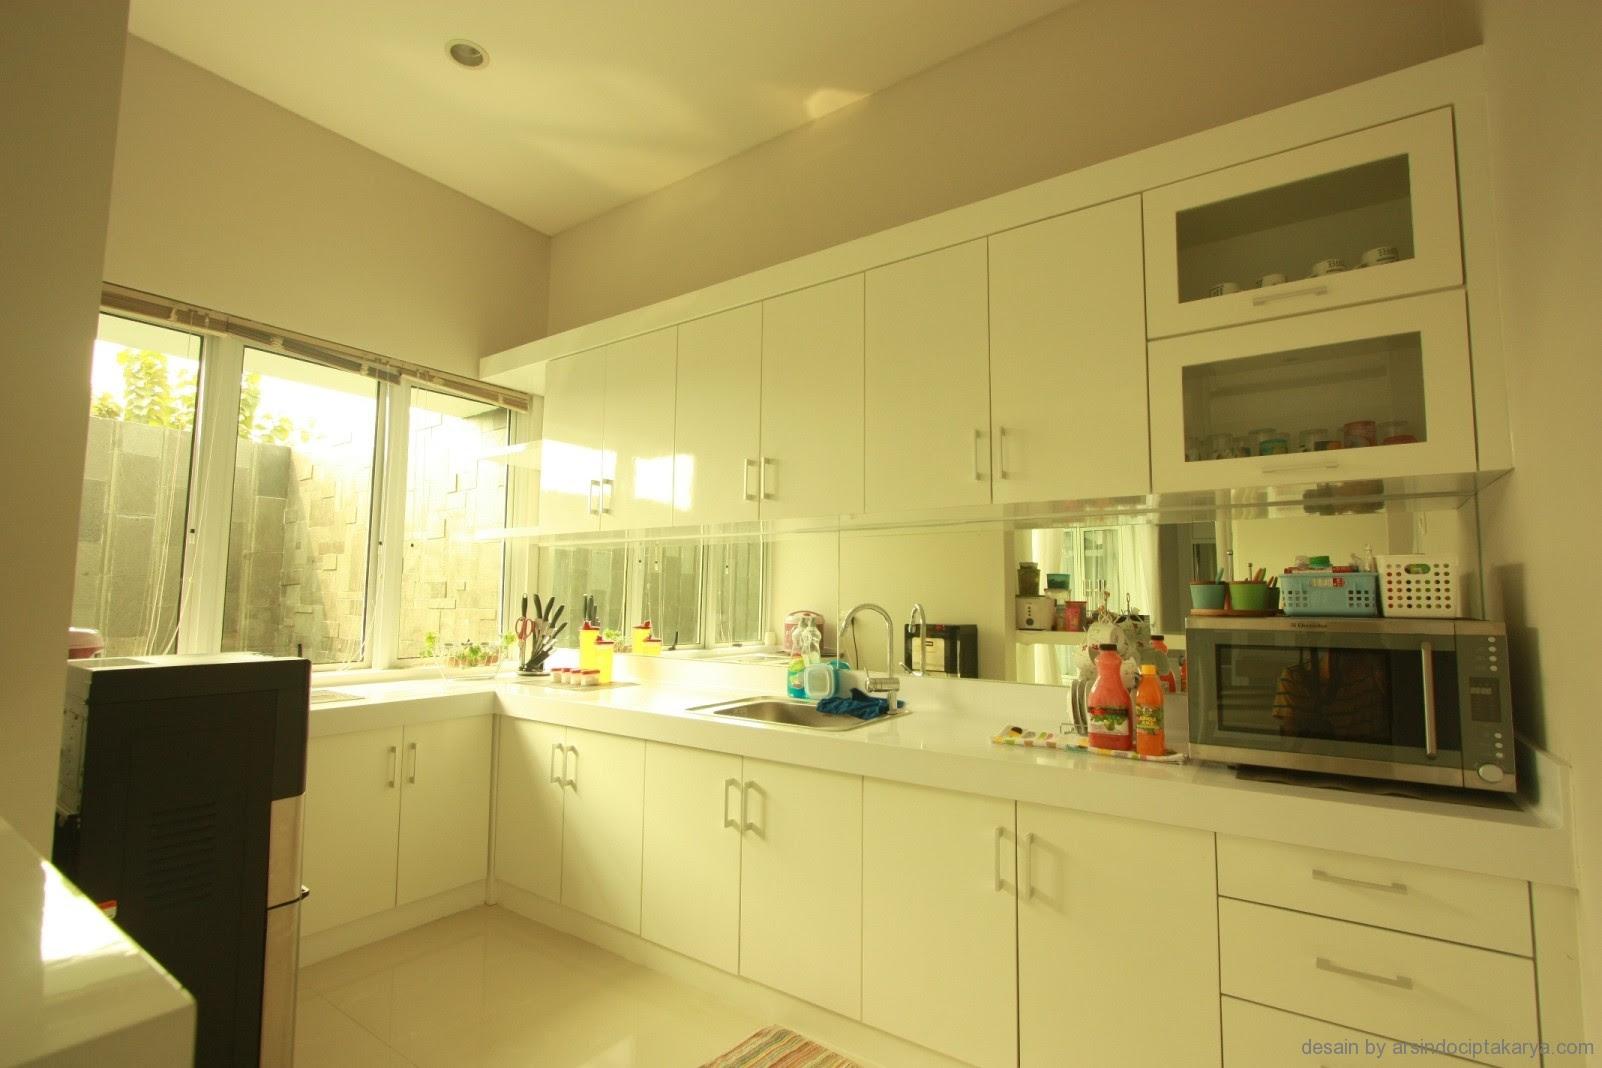 Desain Pantry Dapur Untuk Konsep Interior Rumah Atau Kantor Anda